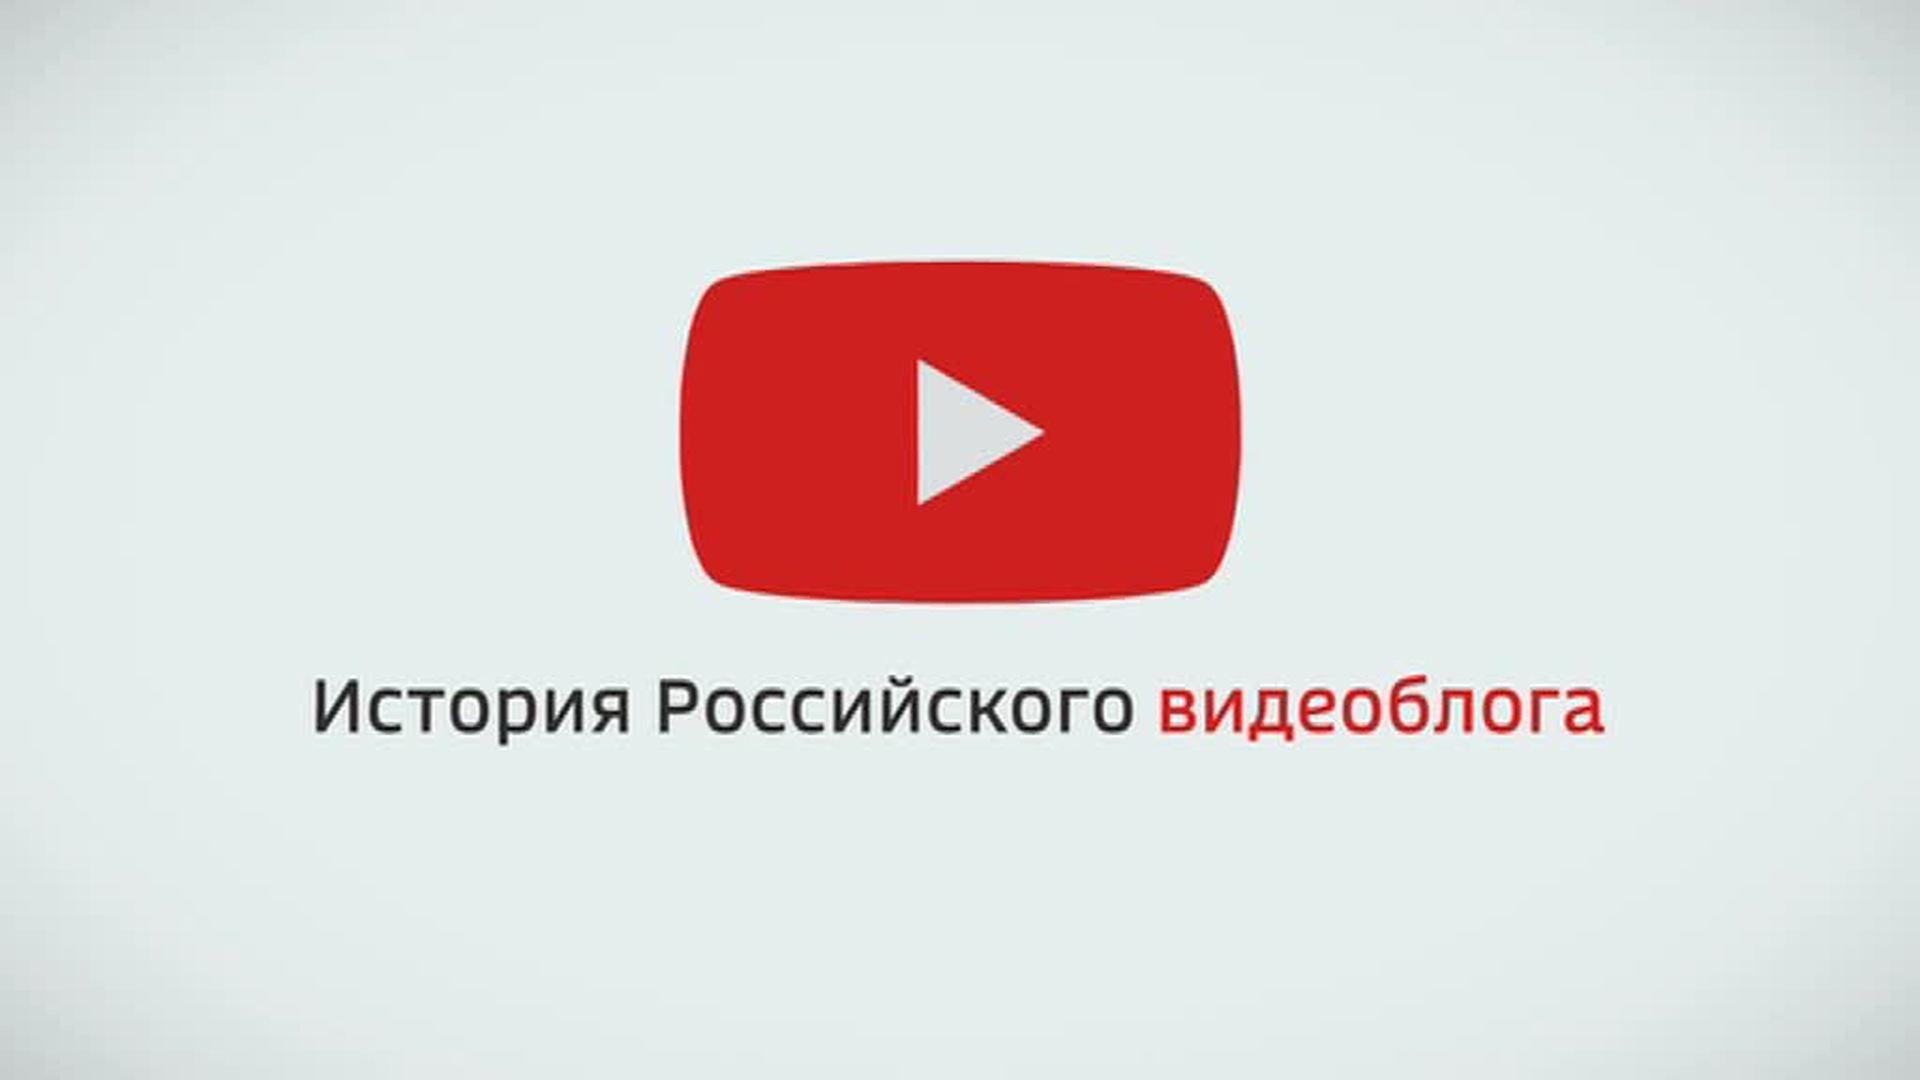 История российского видеоблога